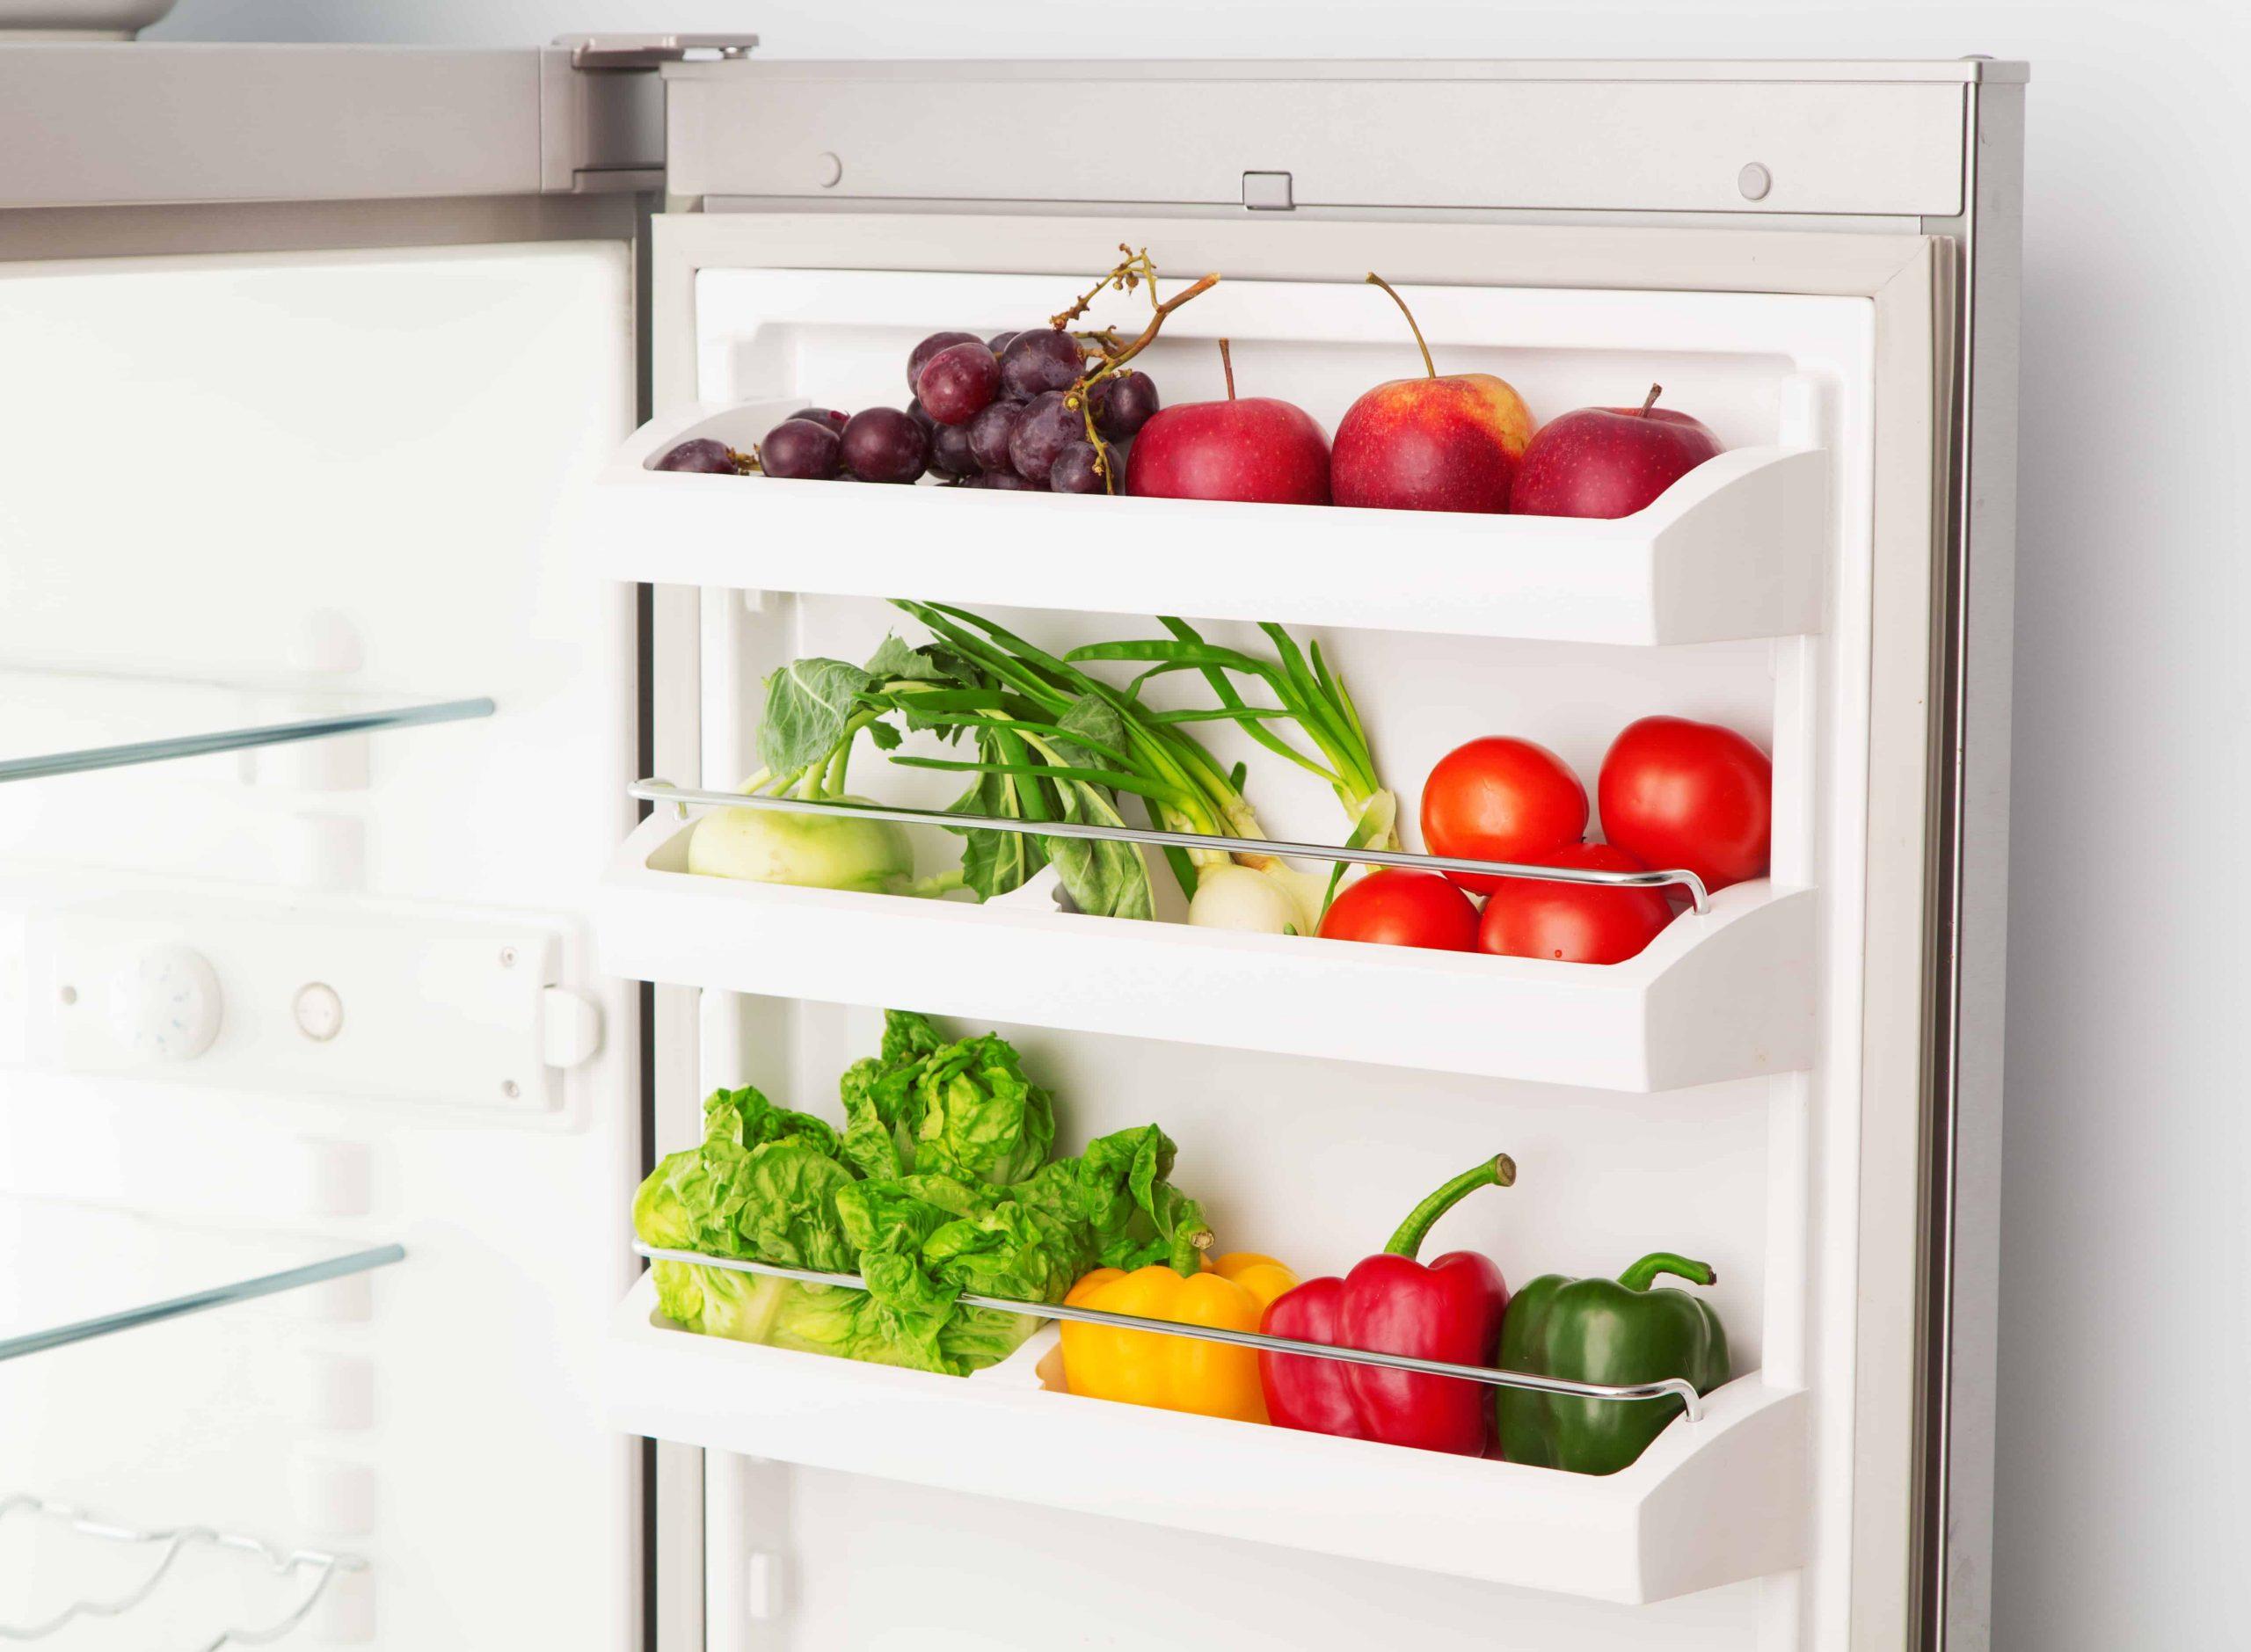 Differenza Classe A+ E A++ miglior frigorifero 2020: guida all'acquisto | utileincasa